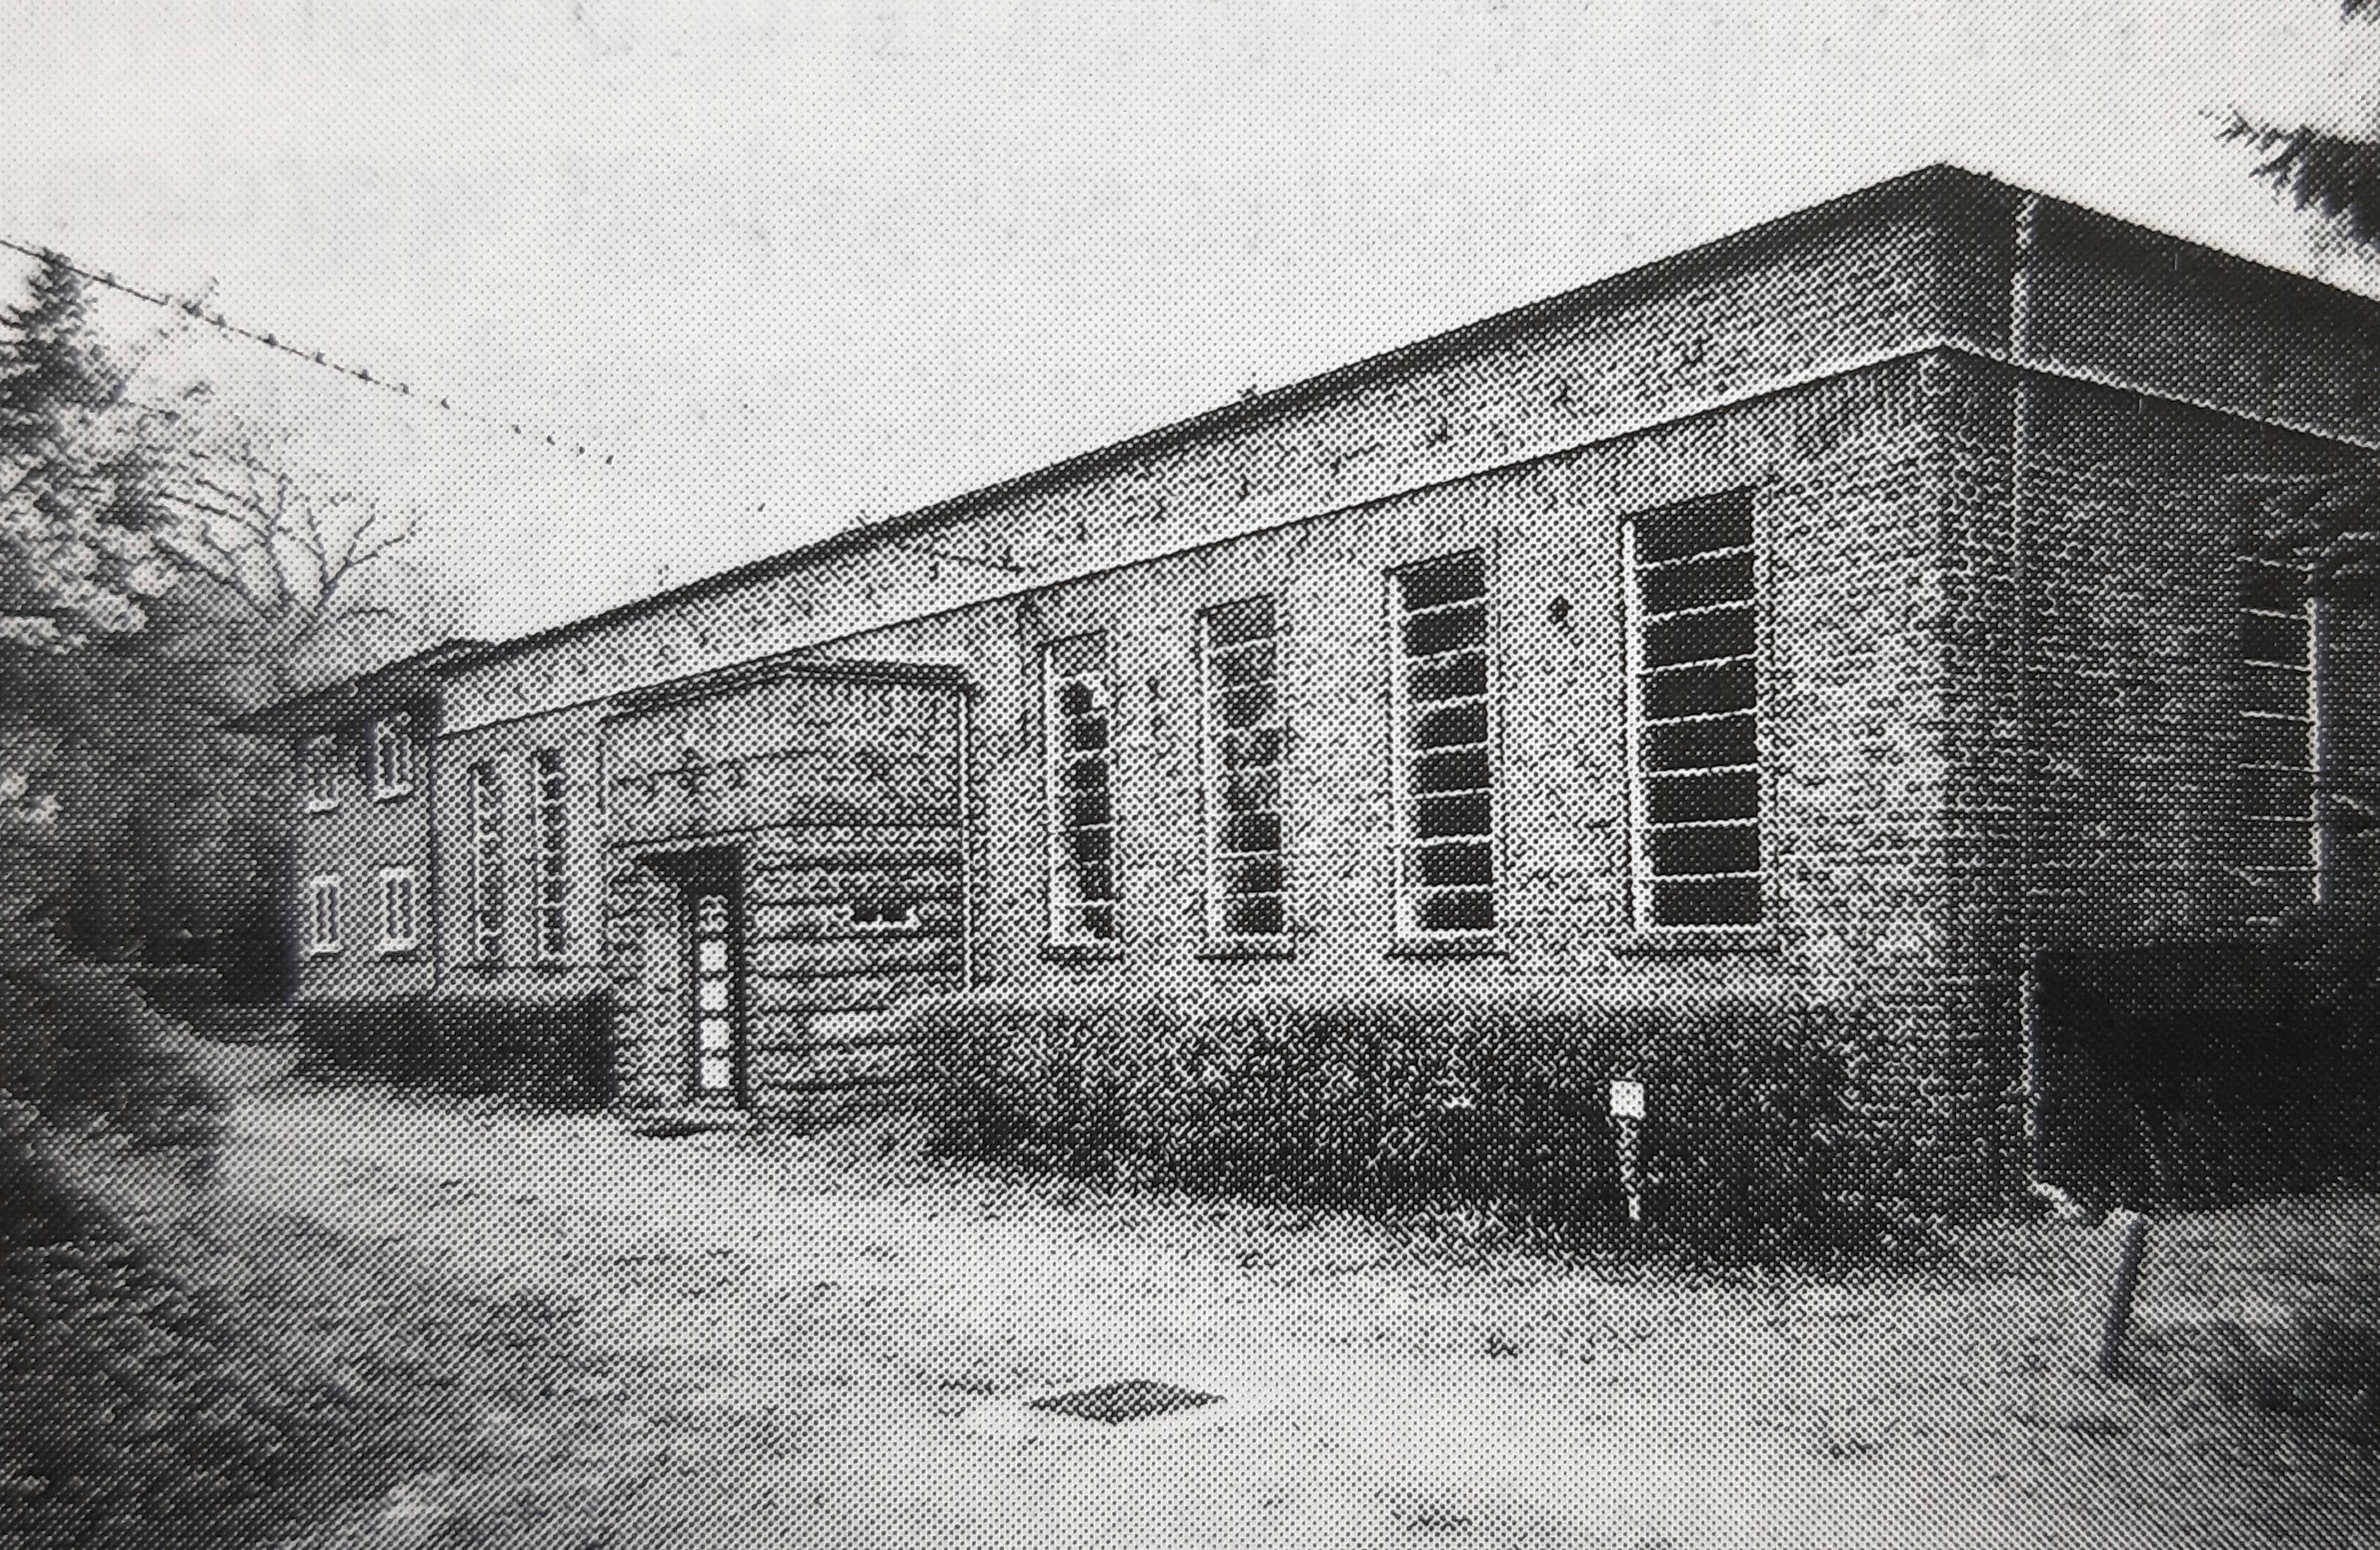 Inselsee-Wasserwerk Pfahlweg 1929